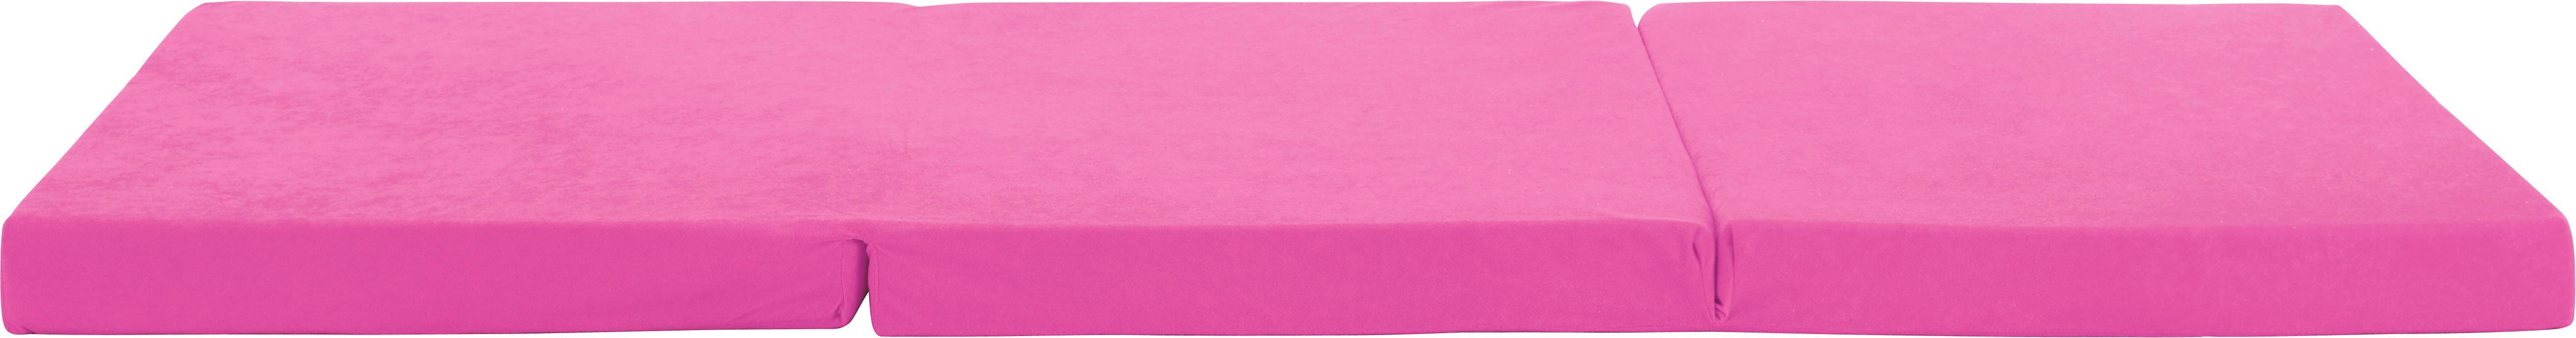 Zložljivo Ležišče Anna - roza, Moderno, tekstil (185/65/8cm)